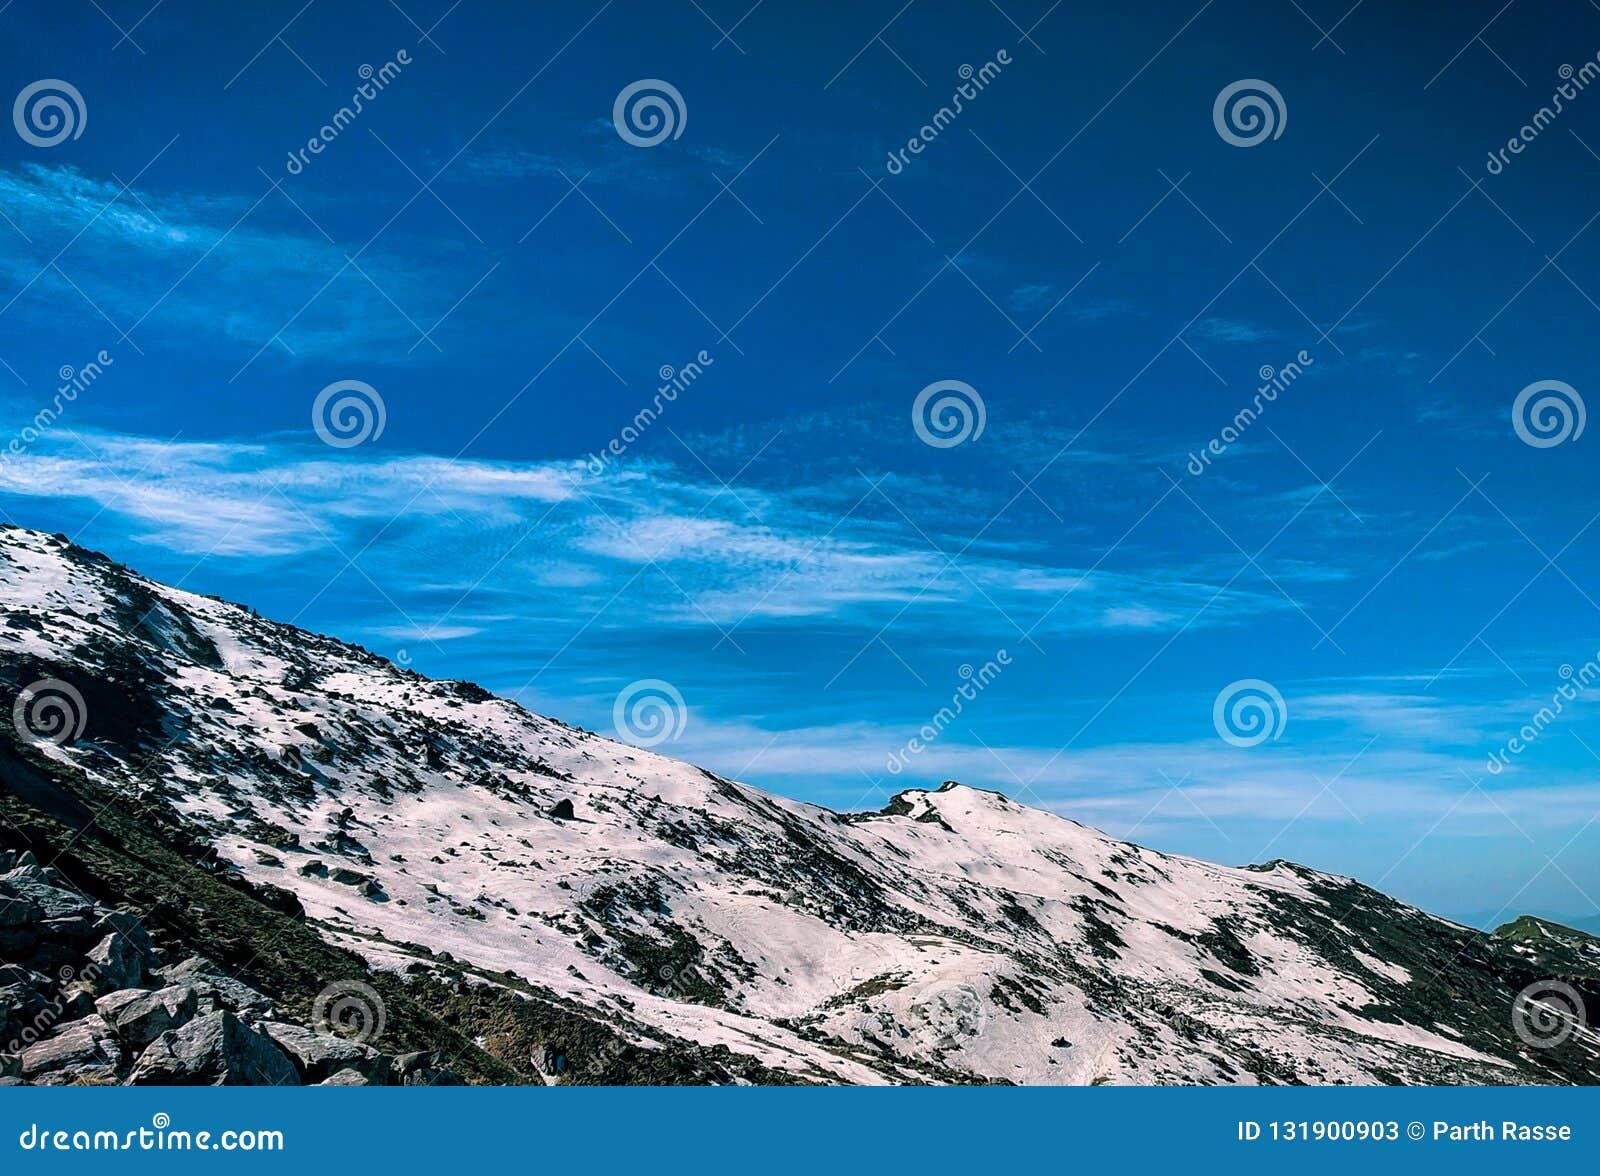 Снег упал недавно на верхнюю часть горы в Гималаях, Индии